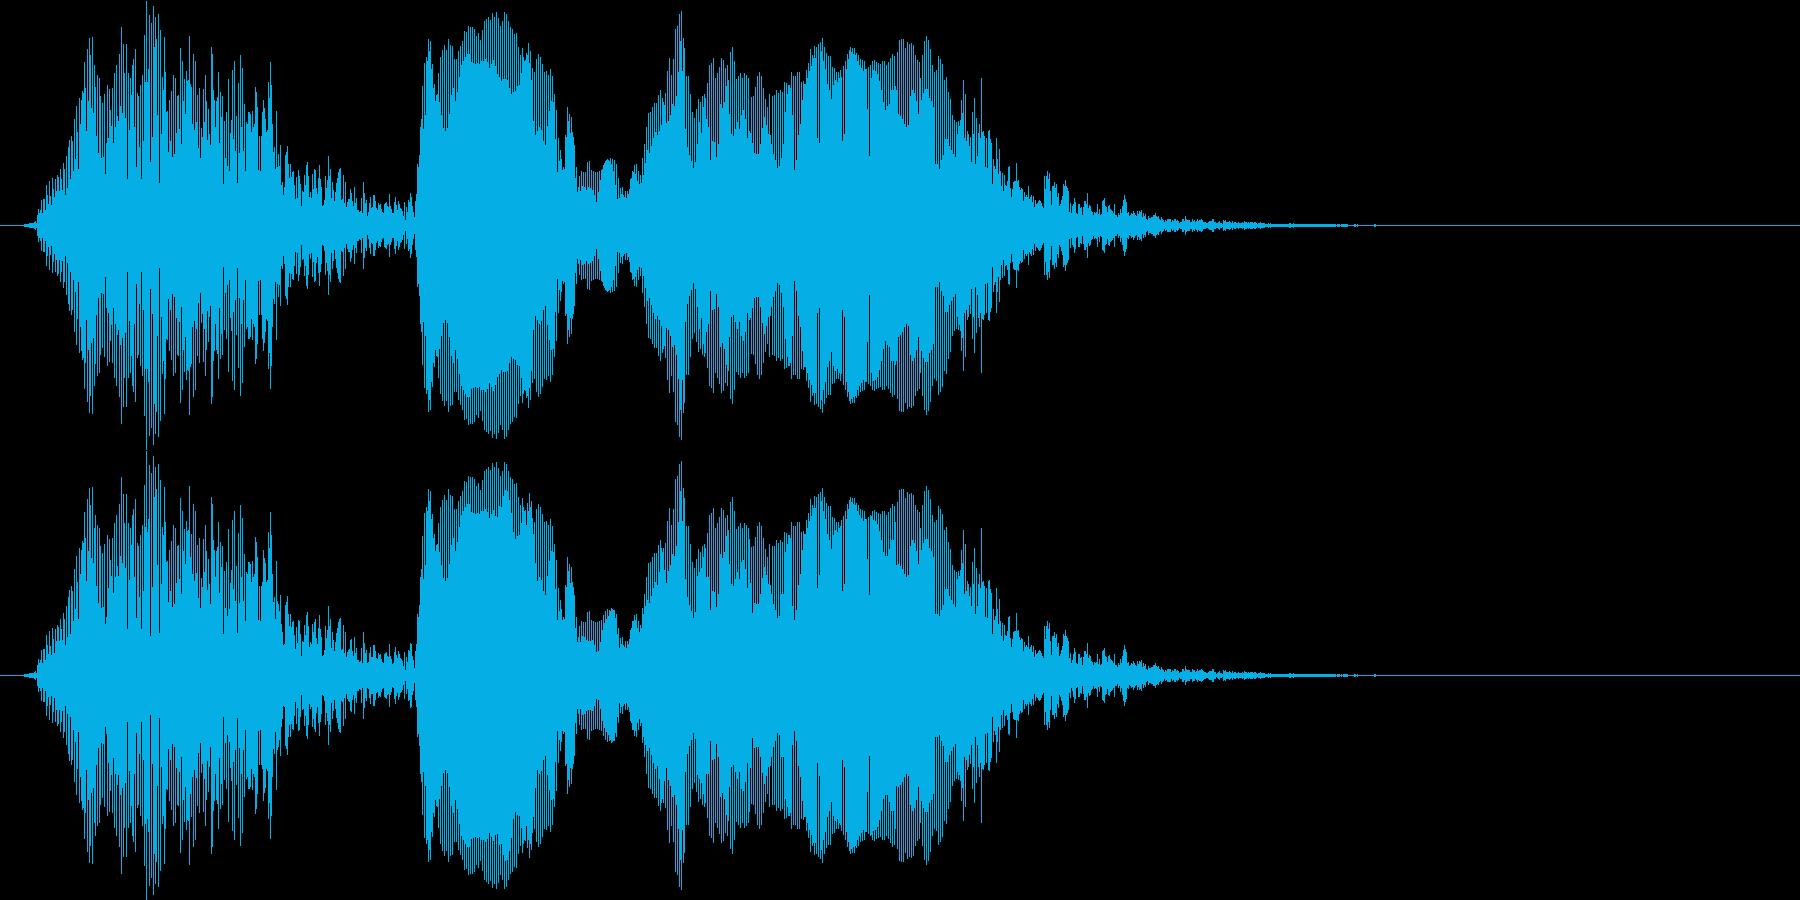 がんばろう(幼児)の再生済みの波形